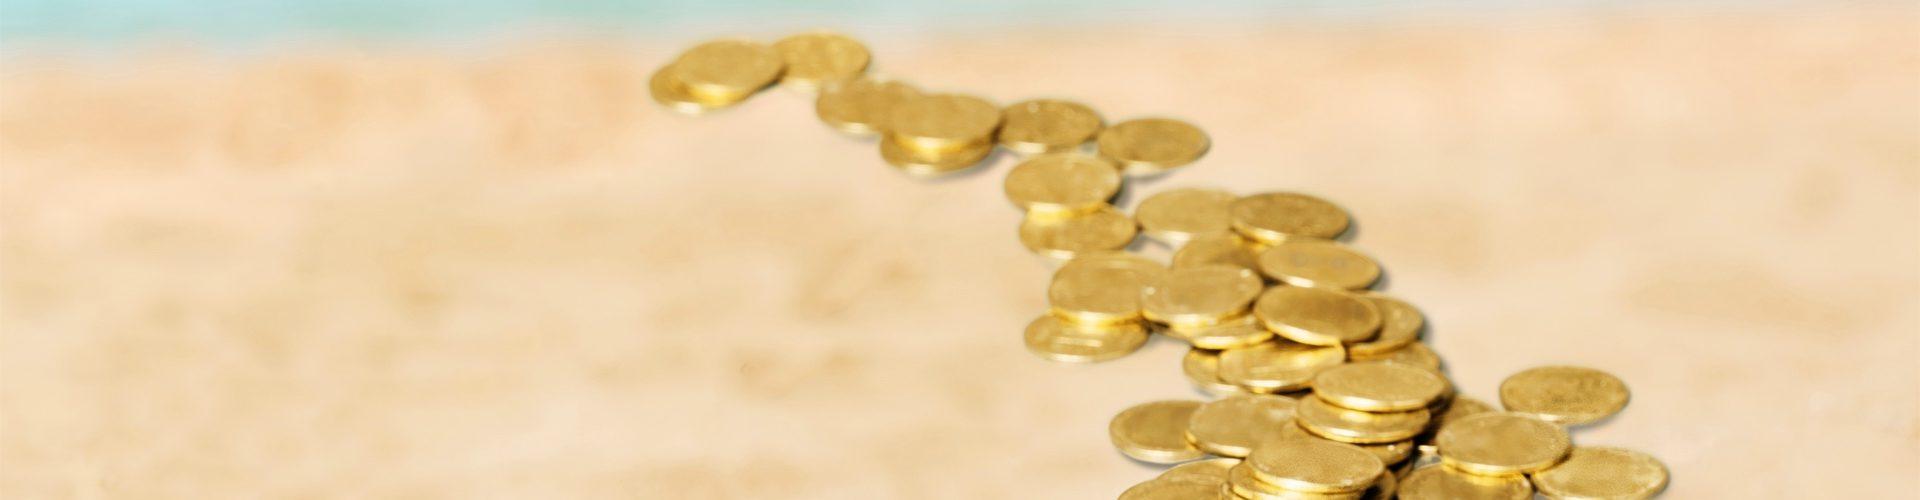 Прием письма №23: Рассыпайте по пути золотые монеты